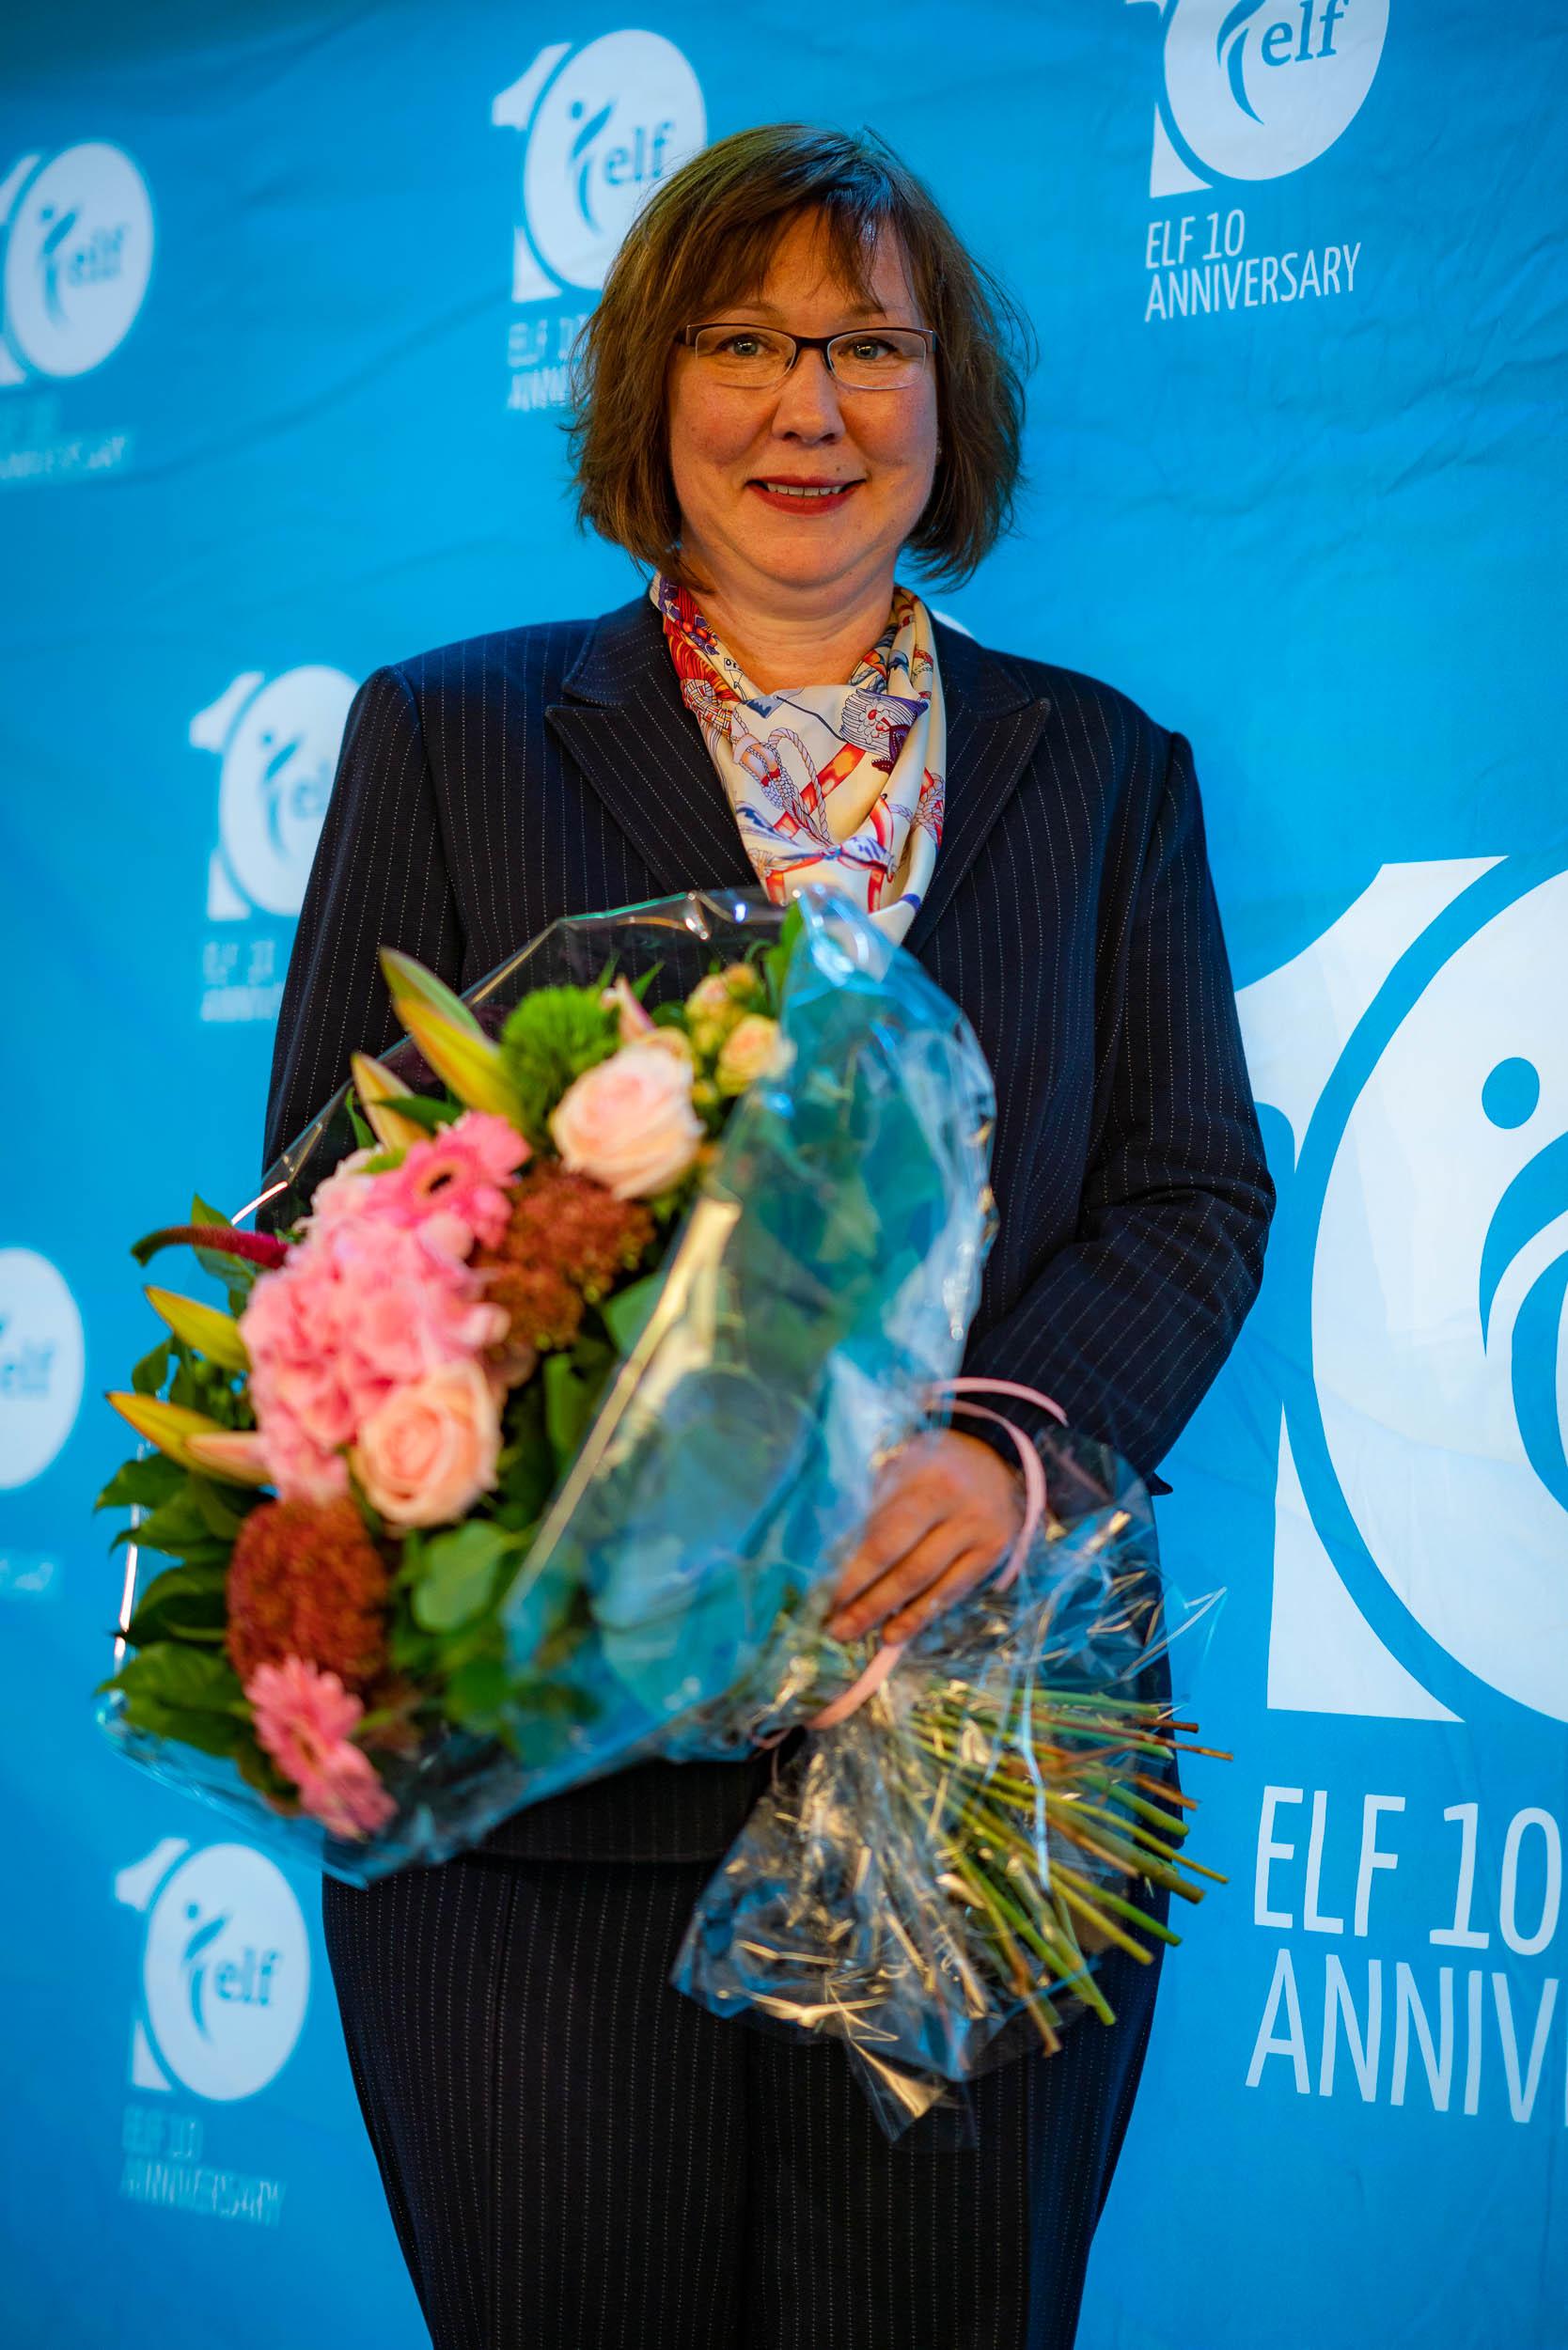 Photograph taken during a seminar of ELF